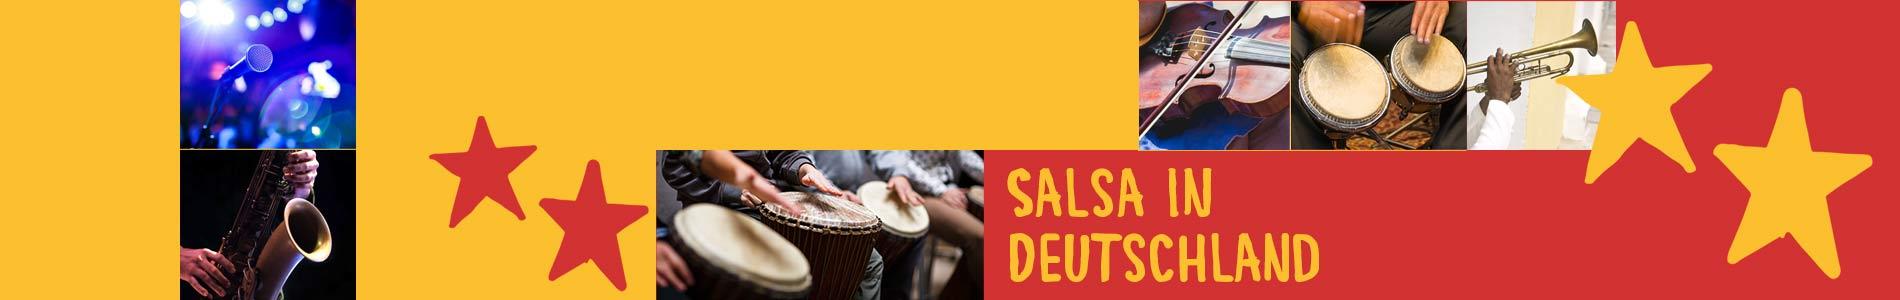 Salsa in Derenburg – Salsa lernen und tanzen, Tanzkurse, Partys, Veranstaltungen